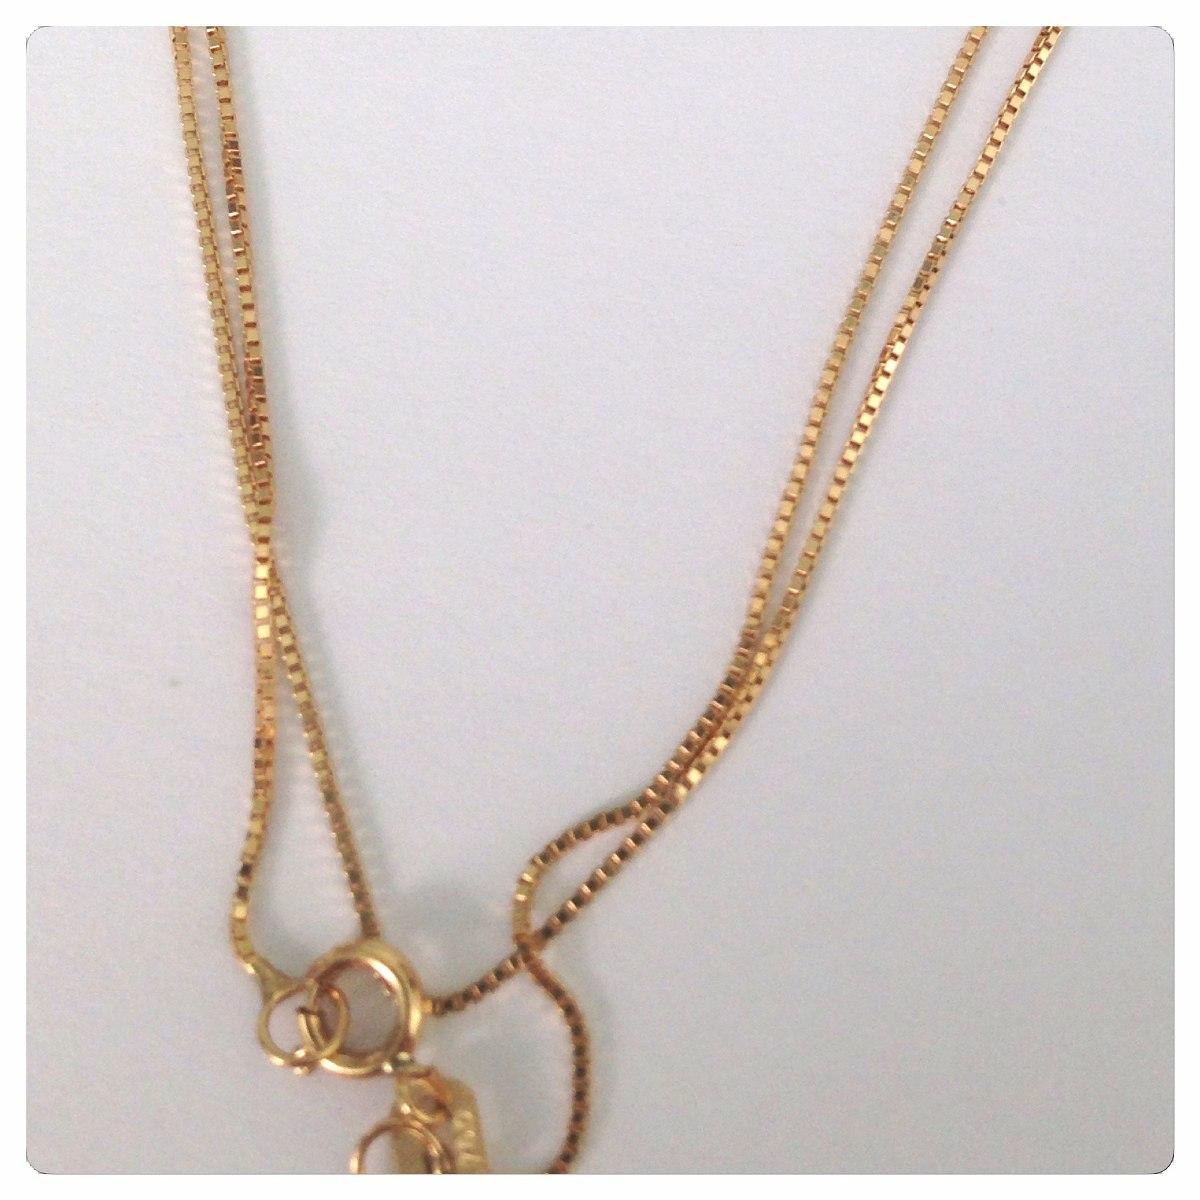 5e4efdf0d56f8 corrente veneziana 50cm ouro 18k rose branco ou amarelo 1.5g. Carregando  zoom.